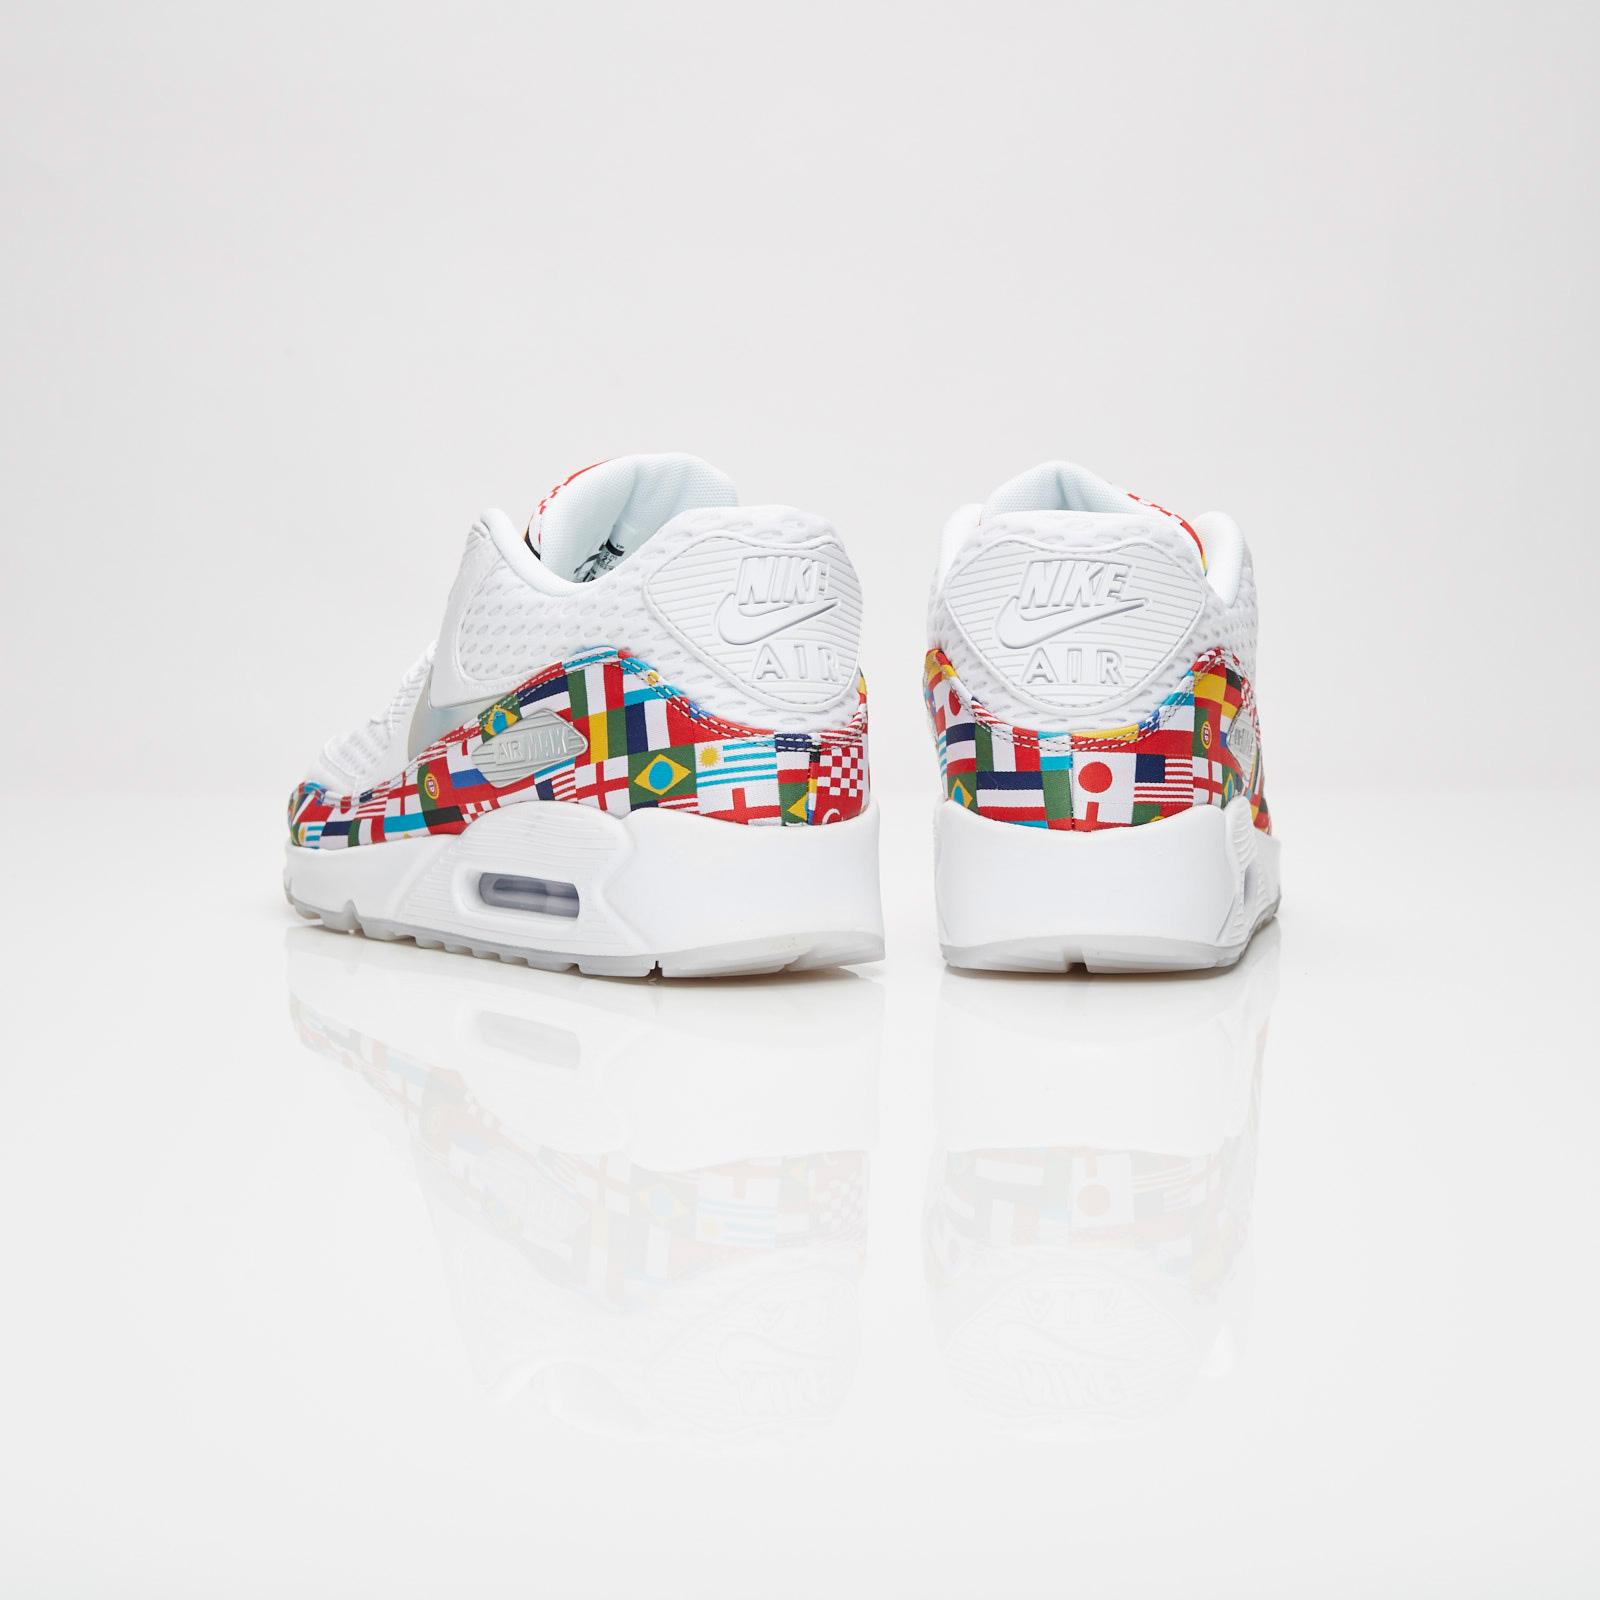 buy online 80a73 b9655 ... Nike Sportswear Air Max 90 NIC QS ...